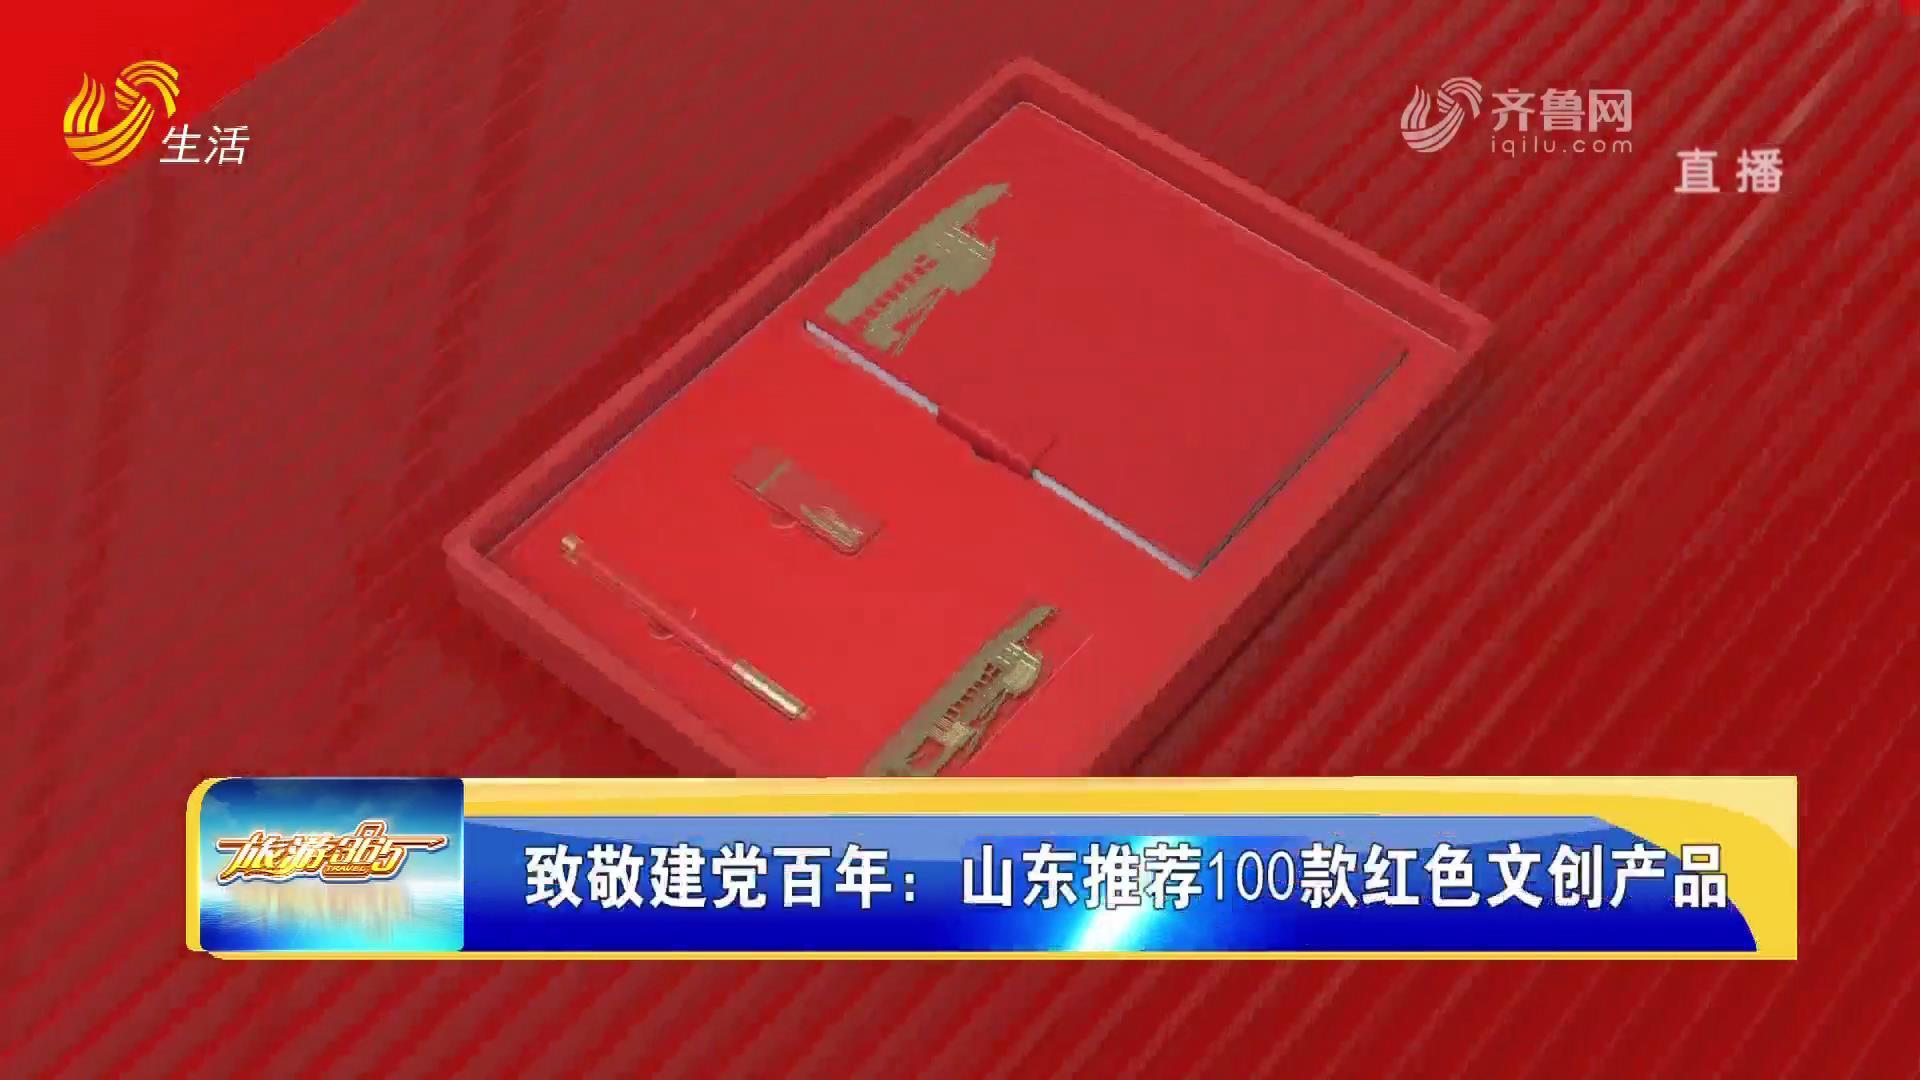 致敬建党百年:山东推荐100款红色文创产品